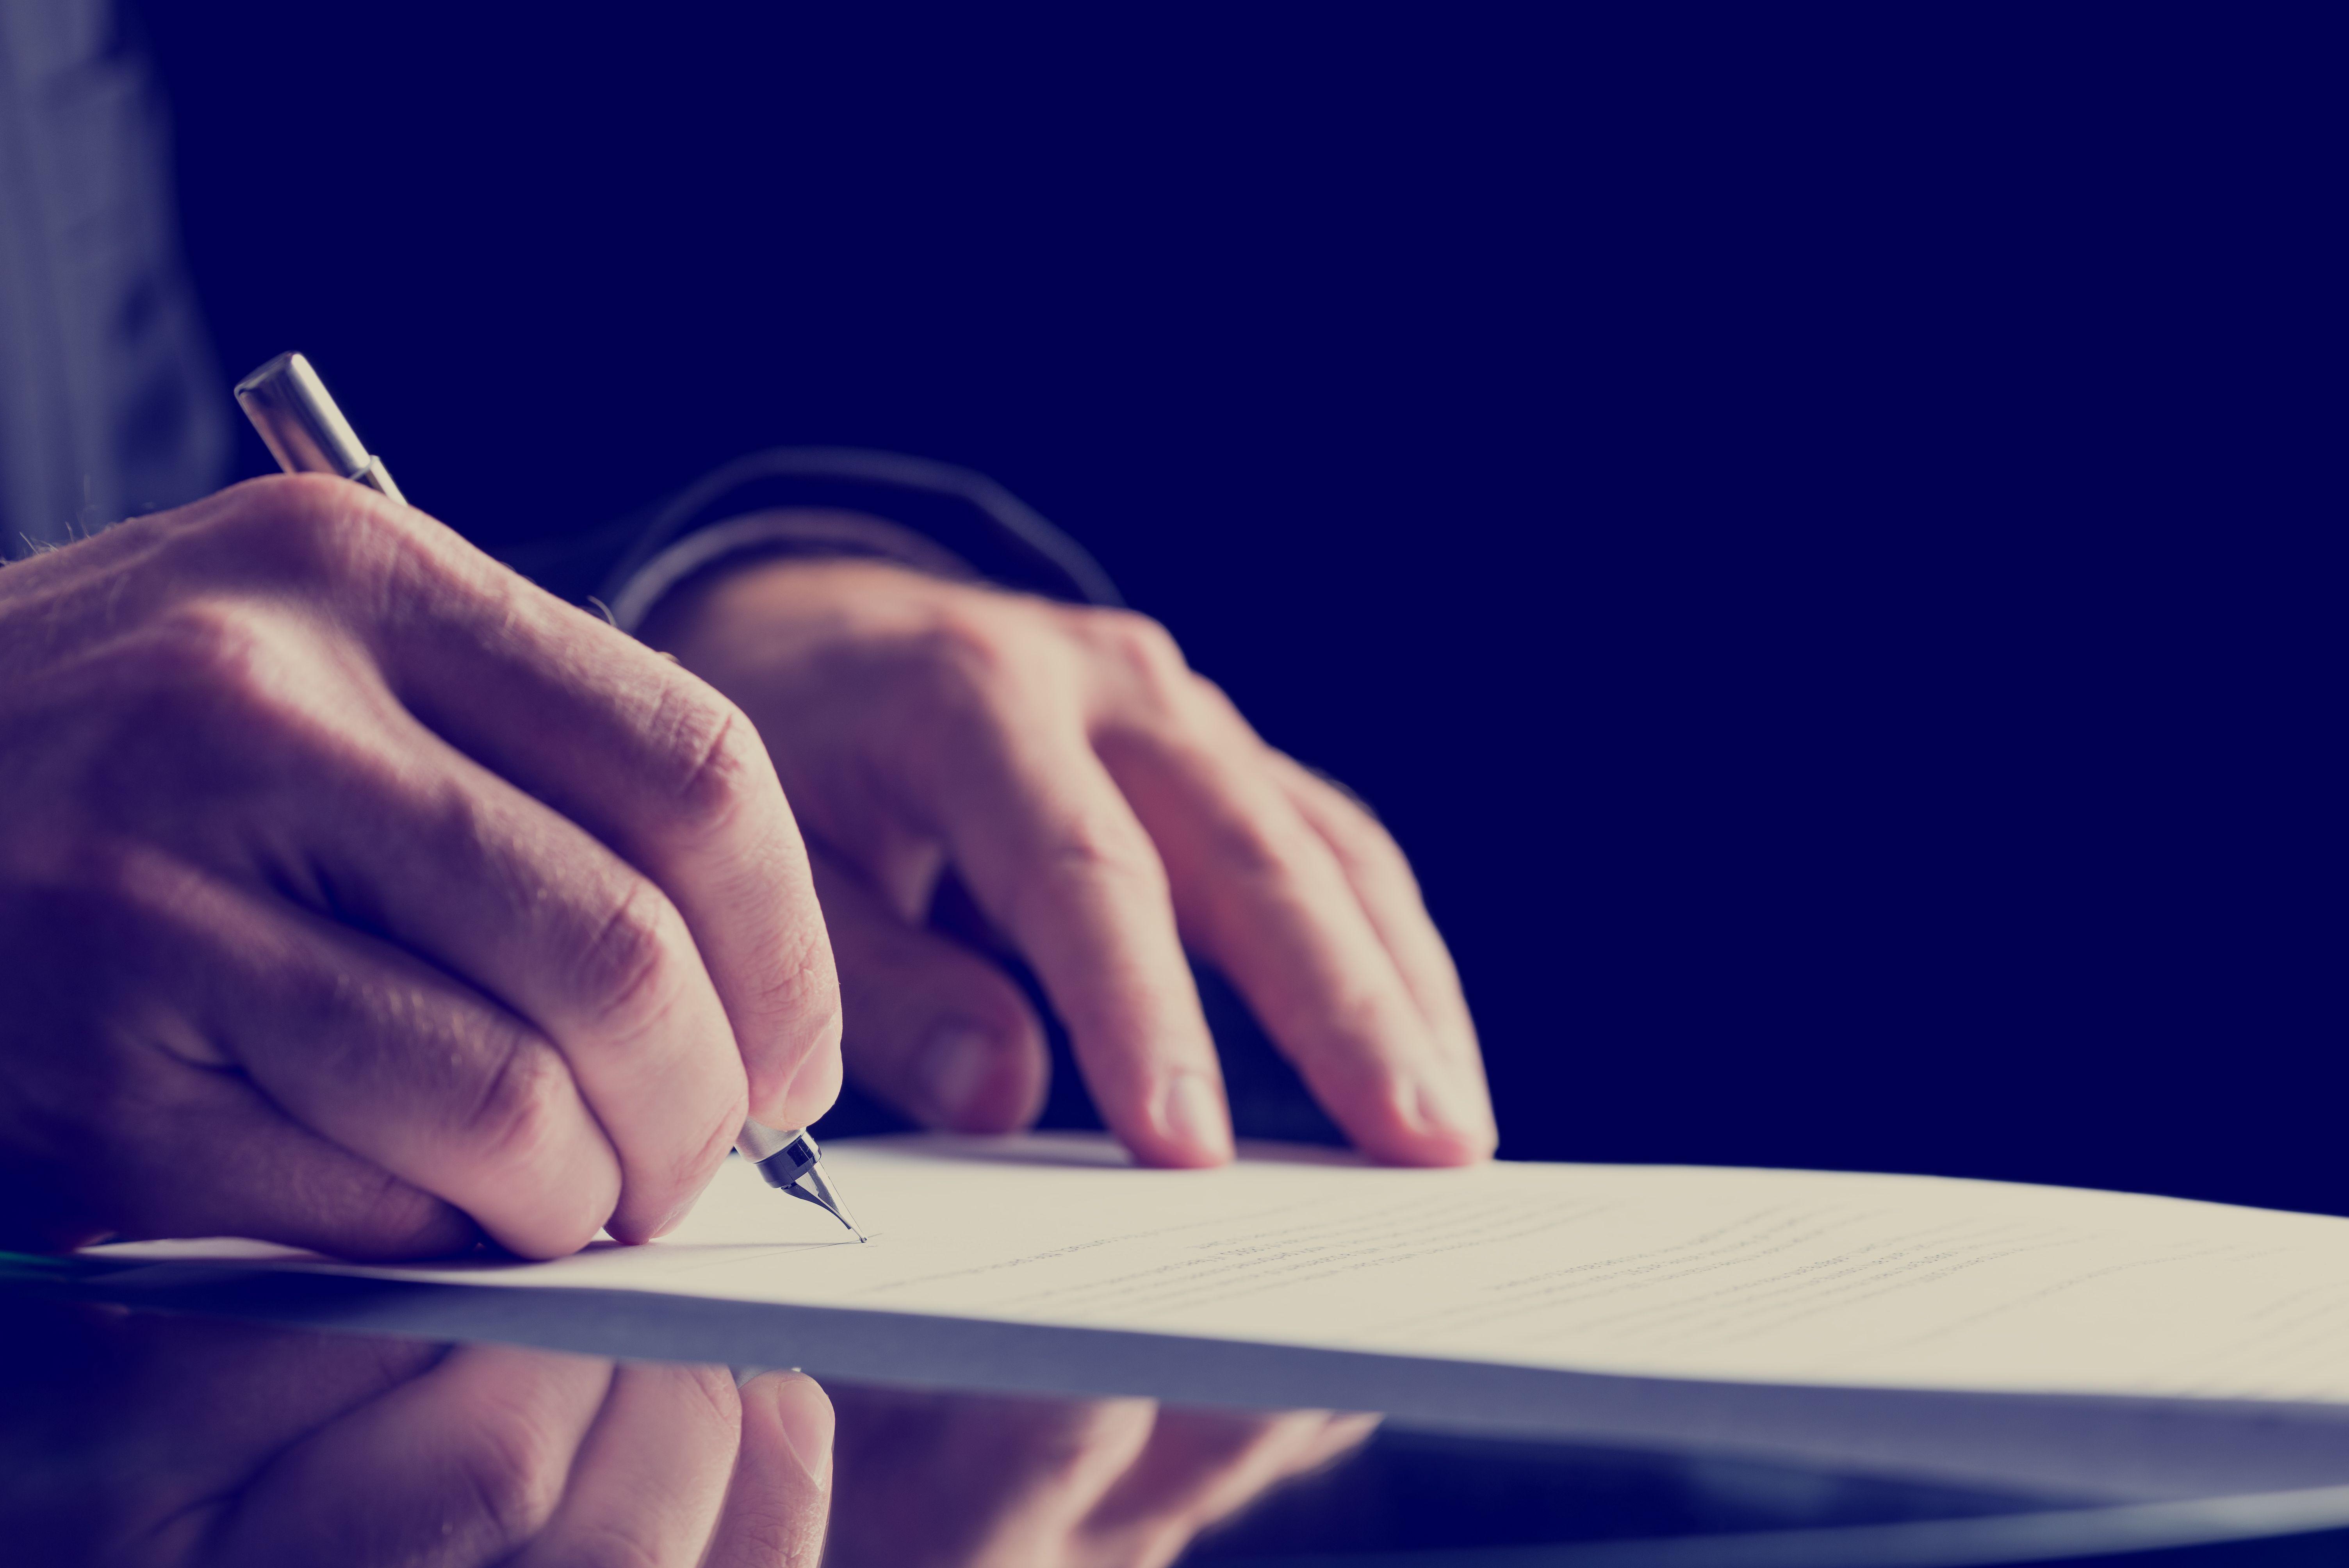 Despidos: Servicios de Asesoría Jurídica Aza